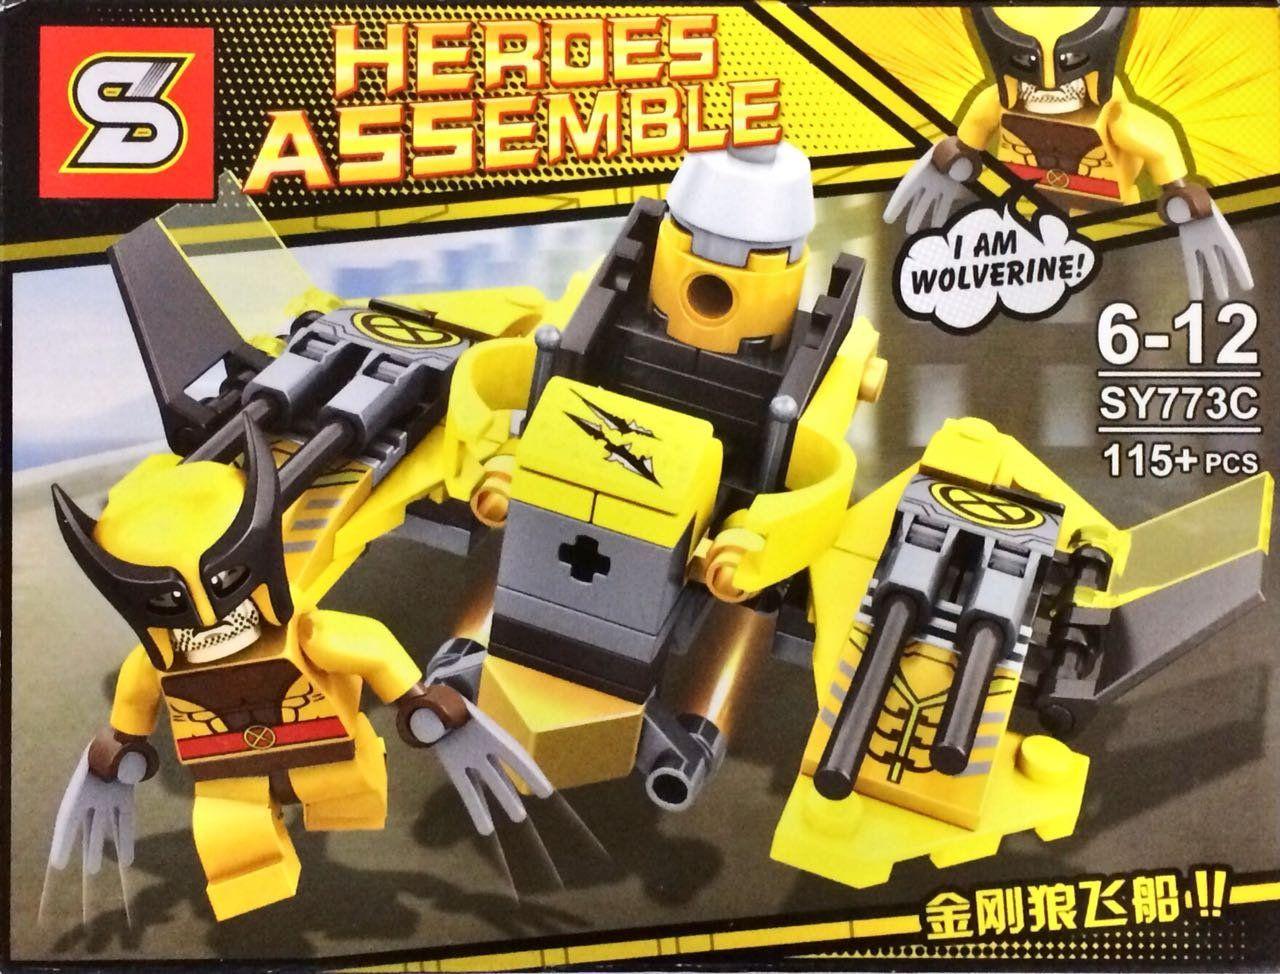 Bloco de Montar Heroes Assemble: Wolverine (SY773C) - (115 Peças)